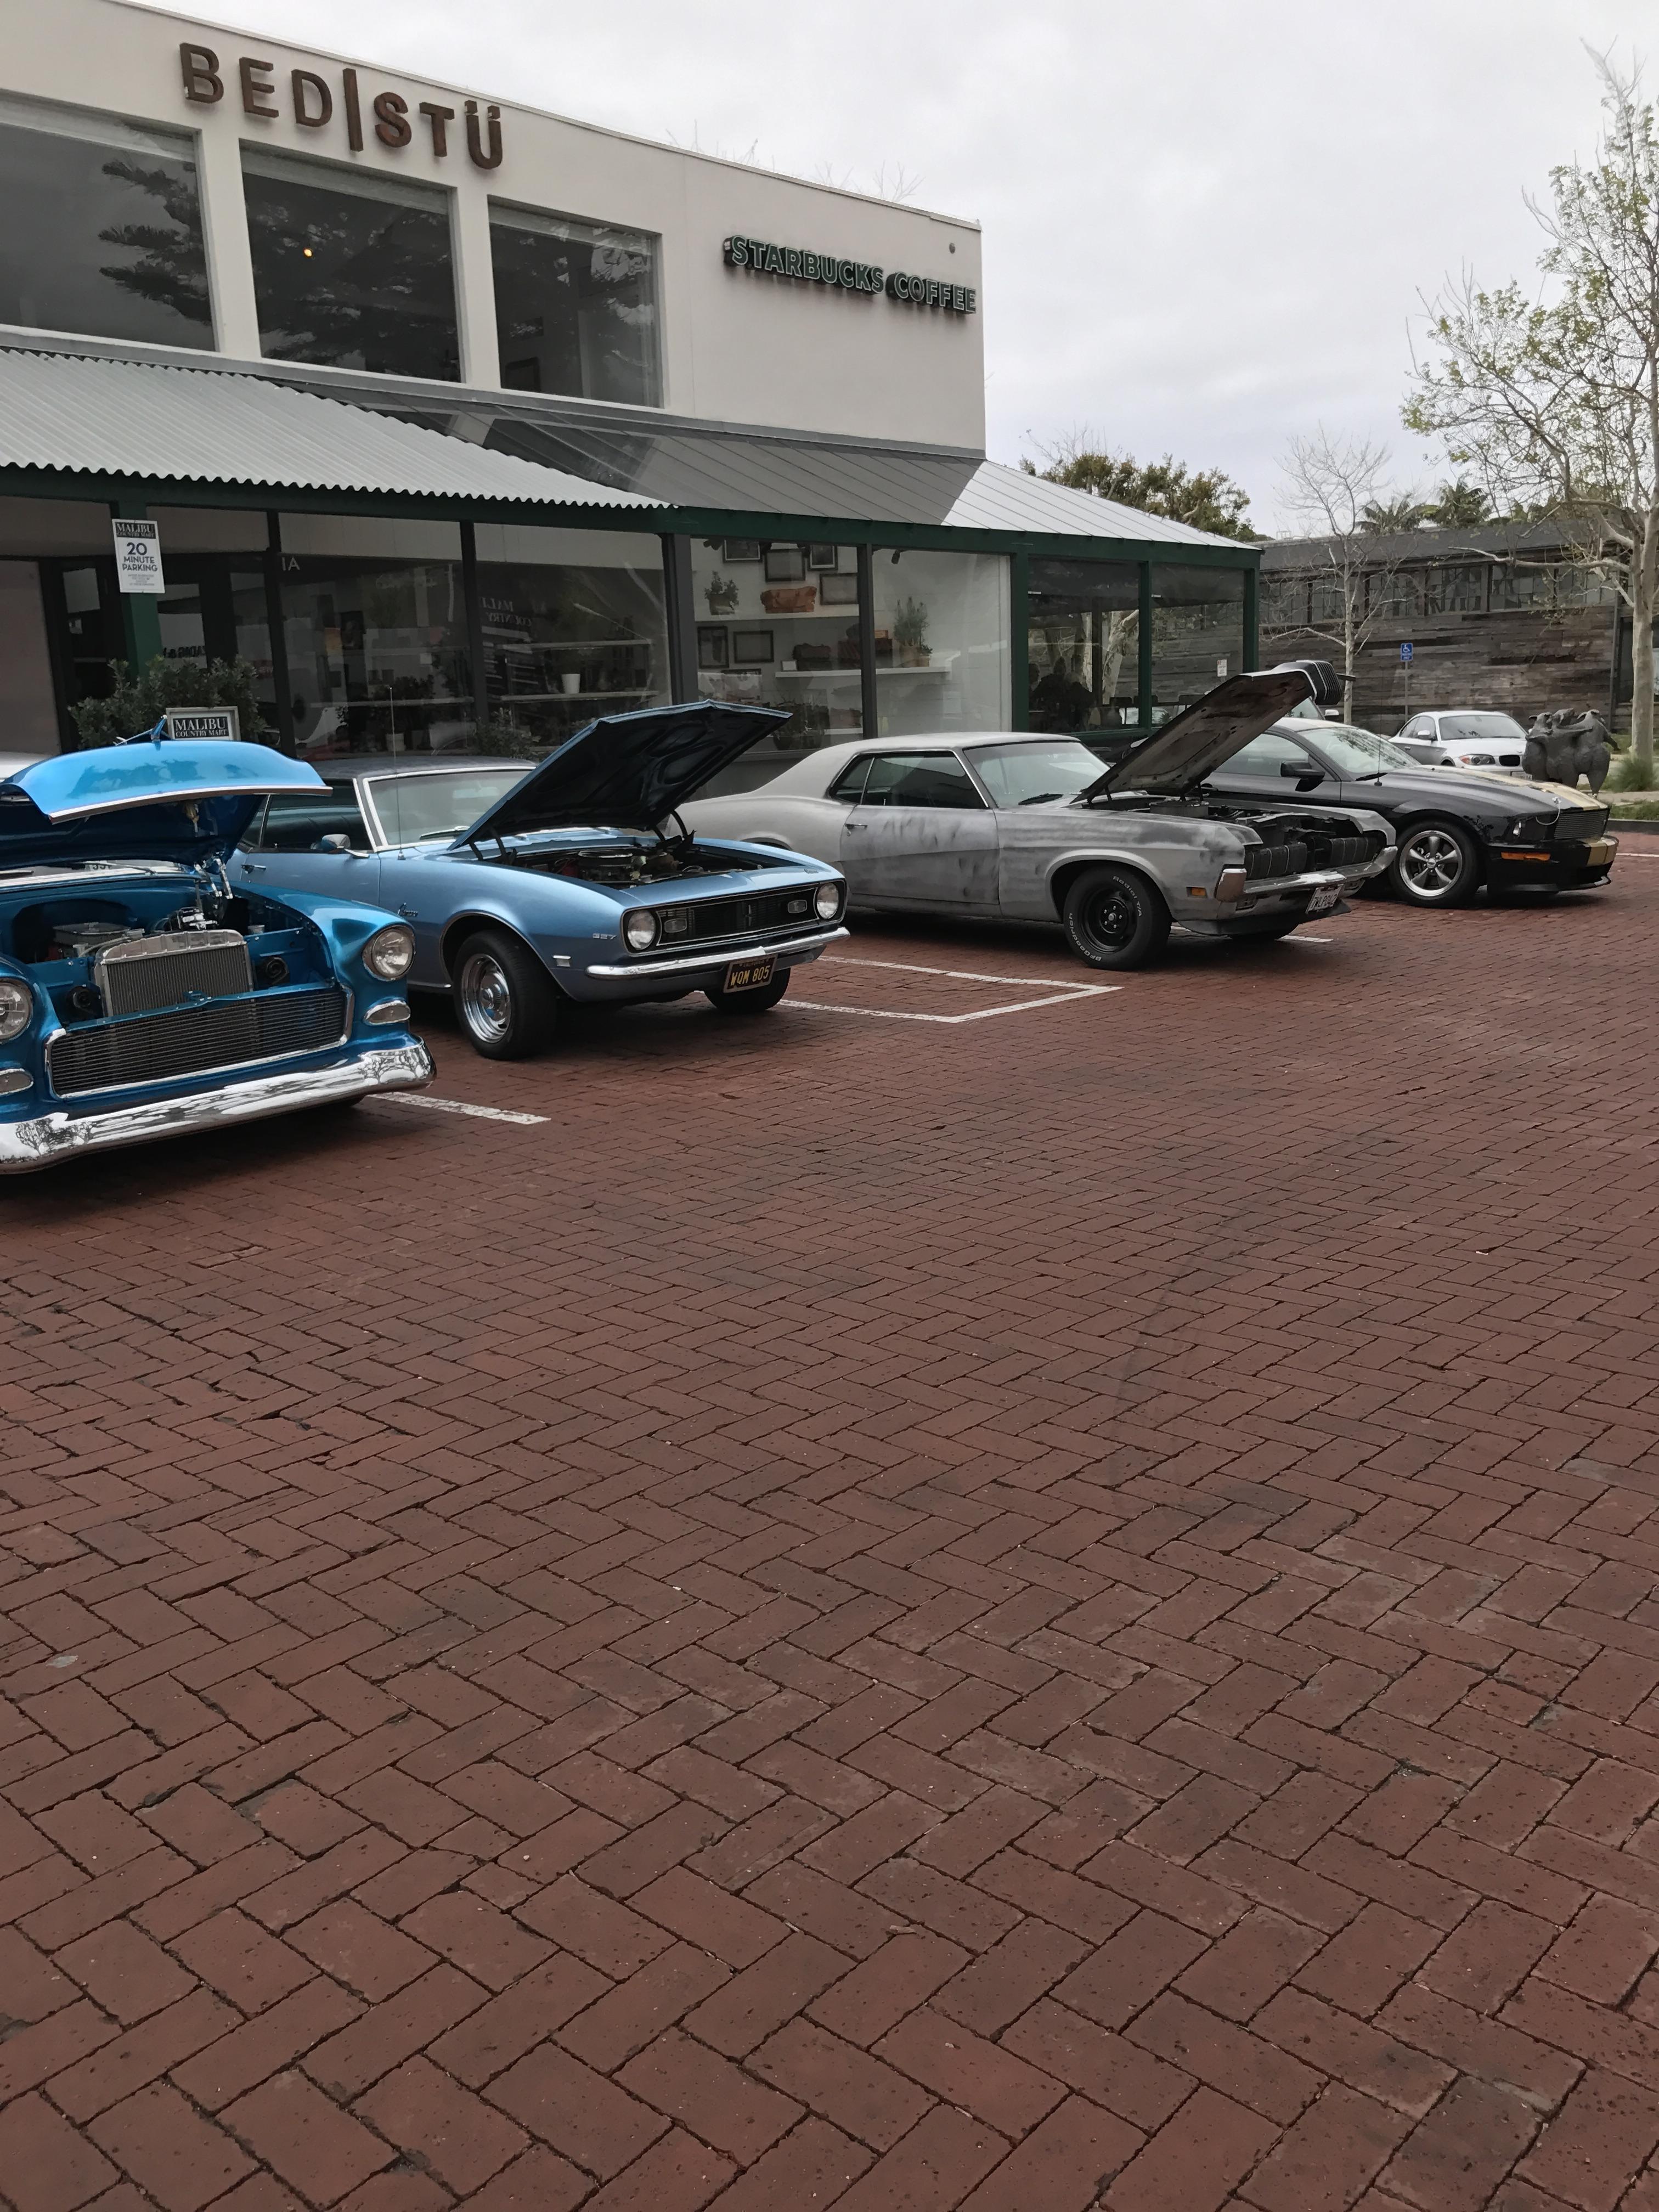 malibu car show.JPG